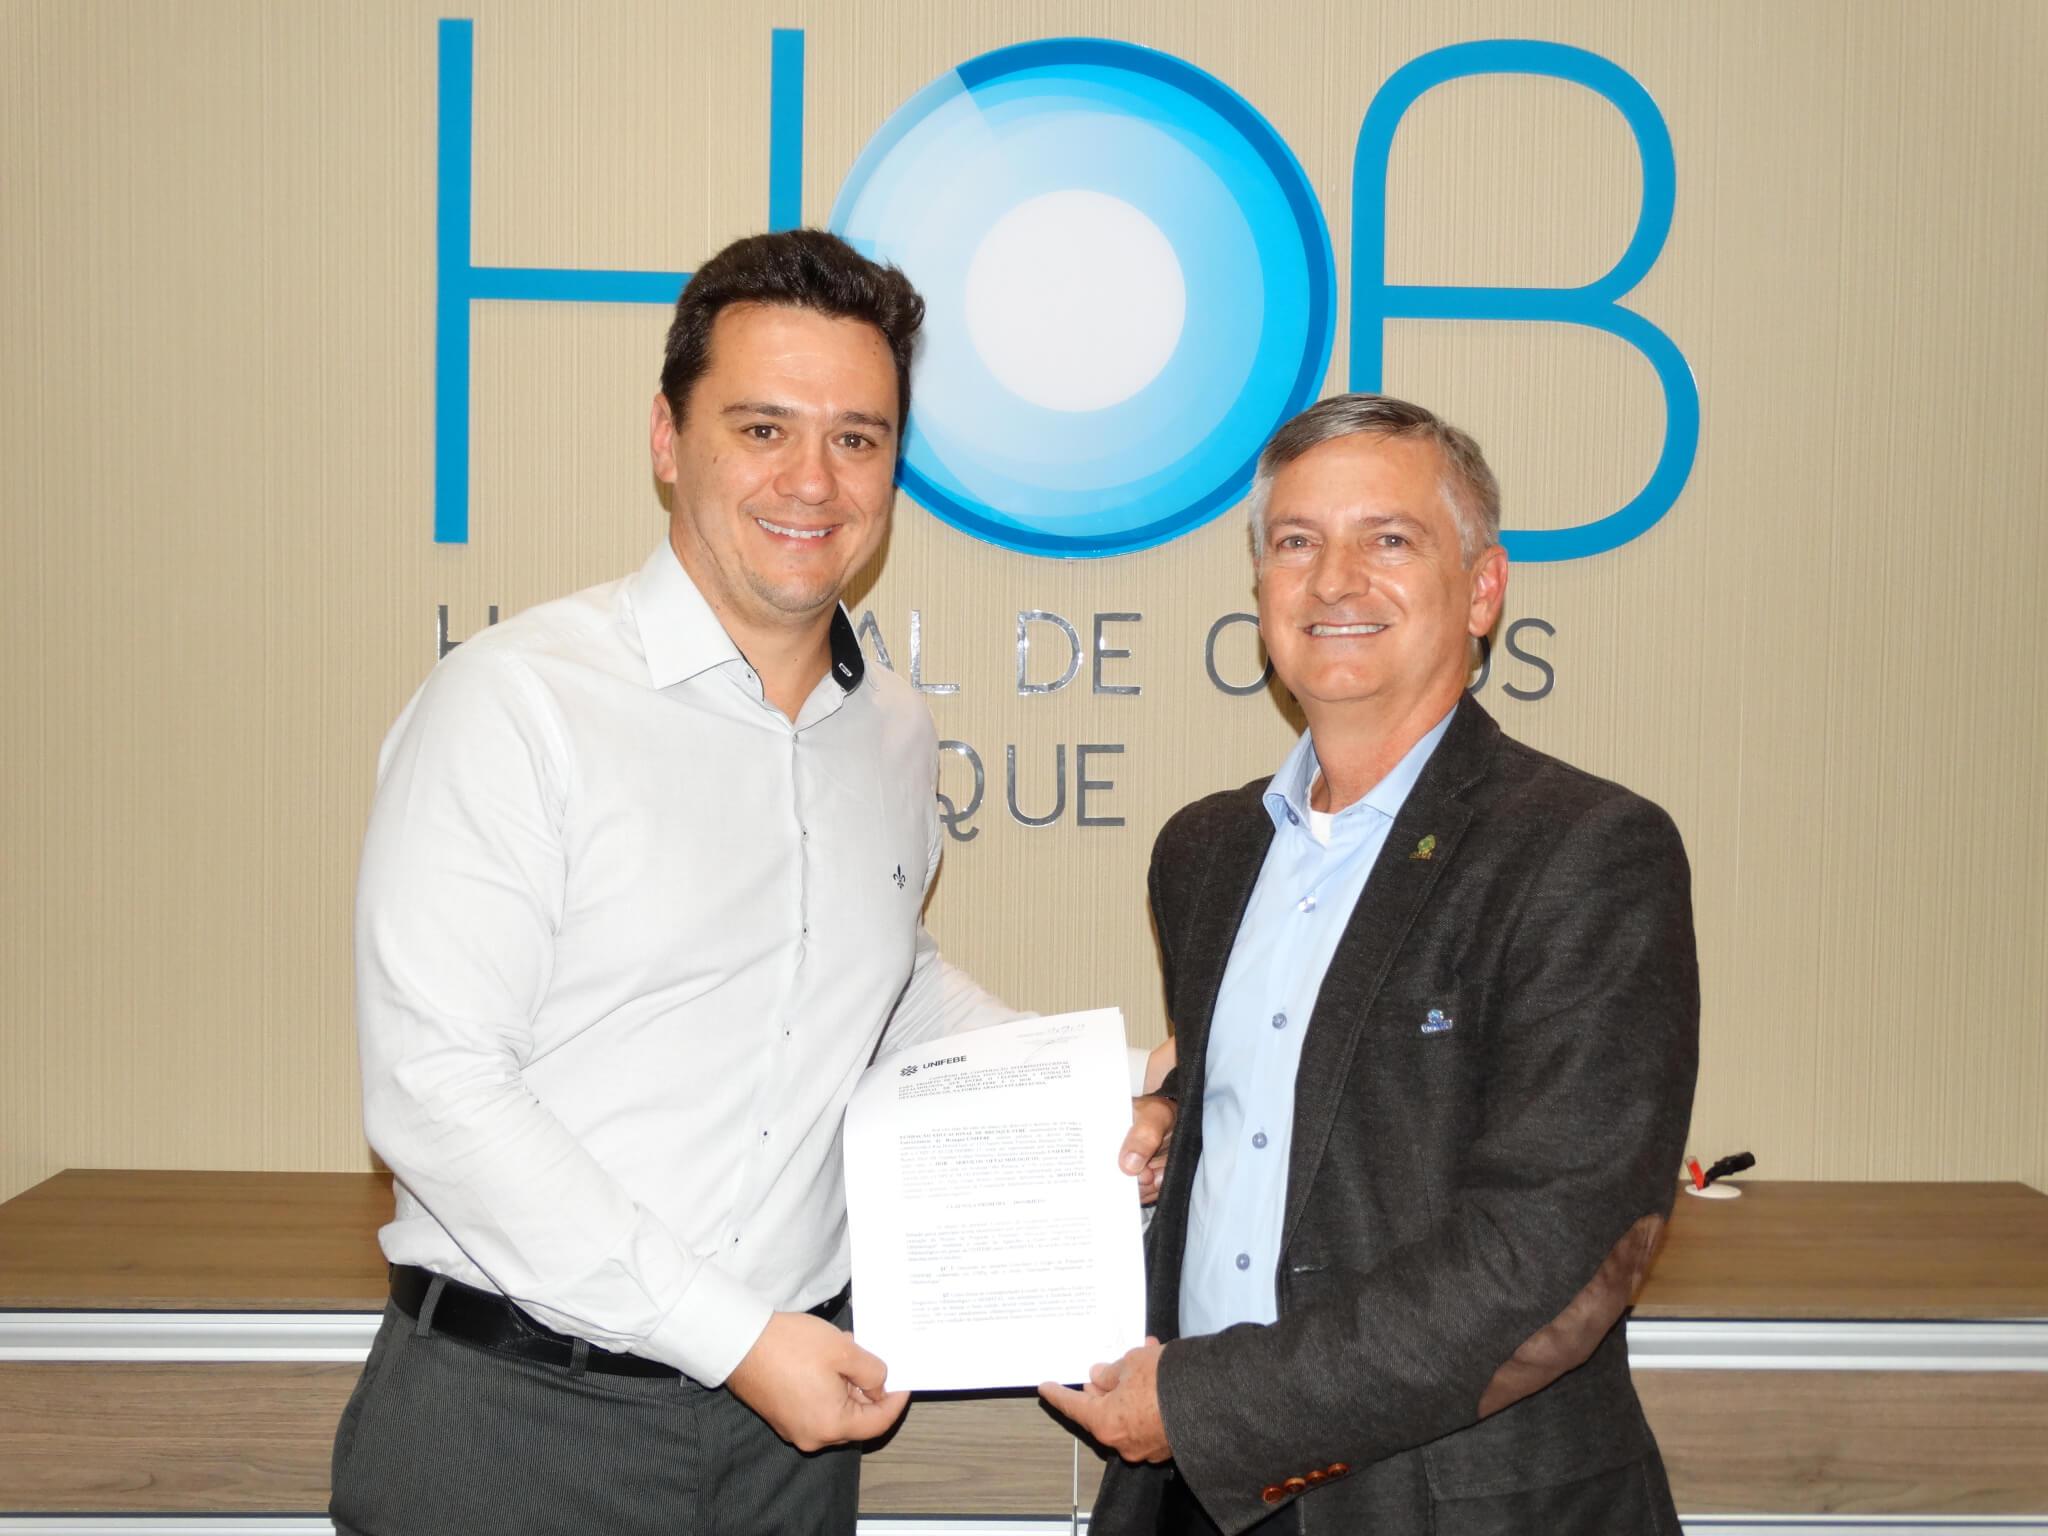 UNIFEBE firma parceria de pesquisa com Hospital de Olhos